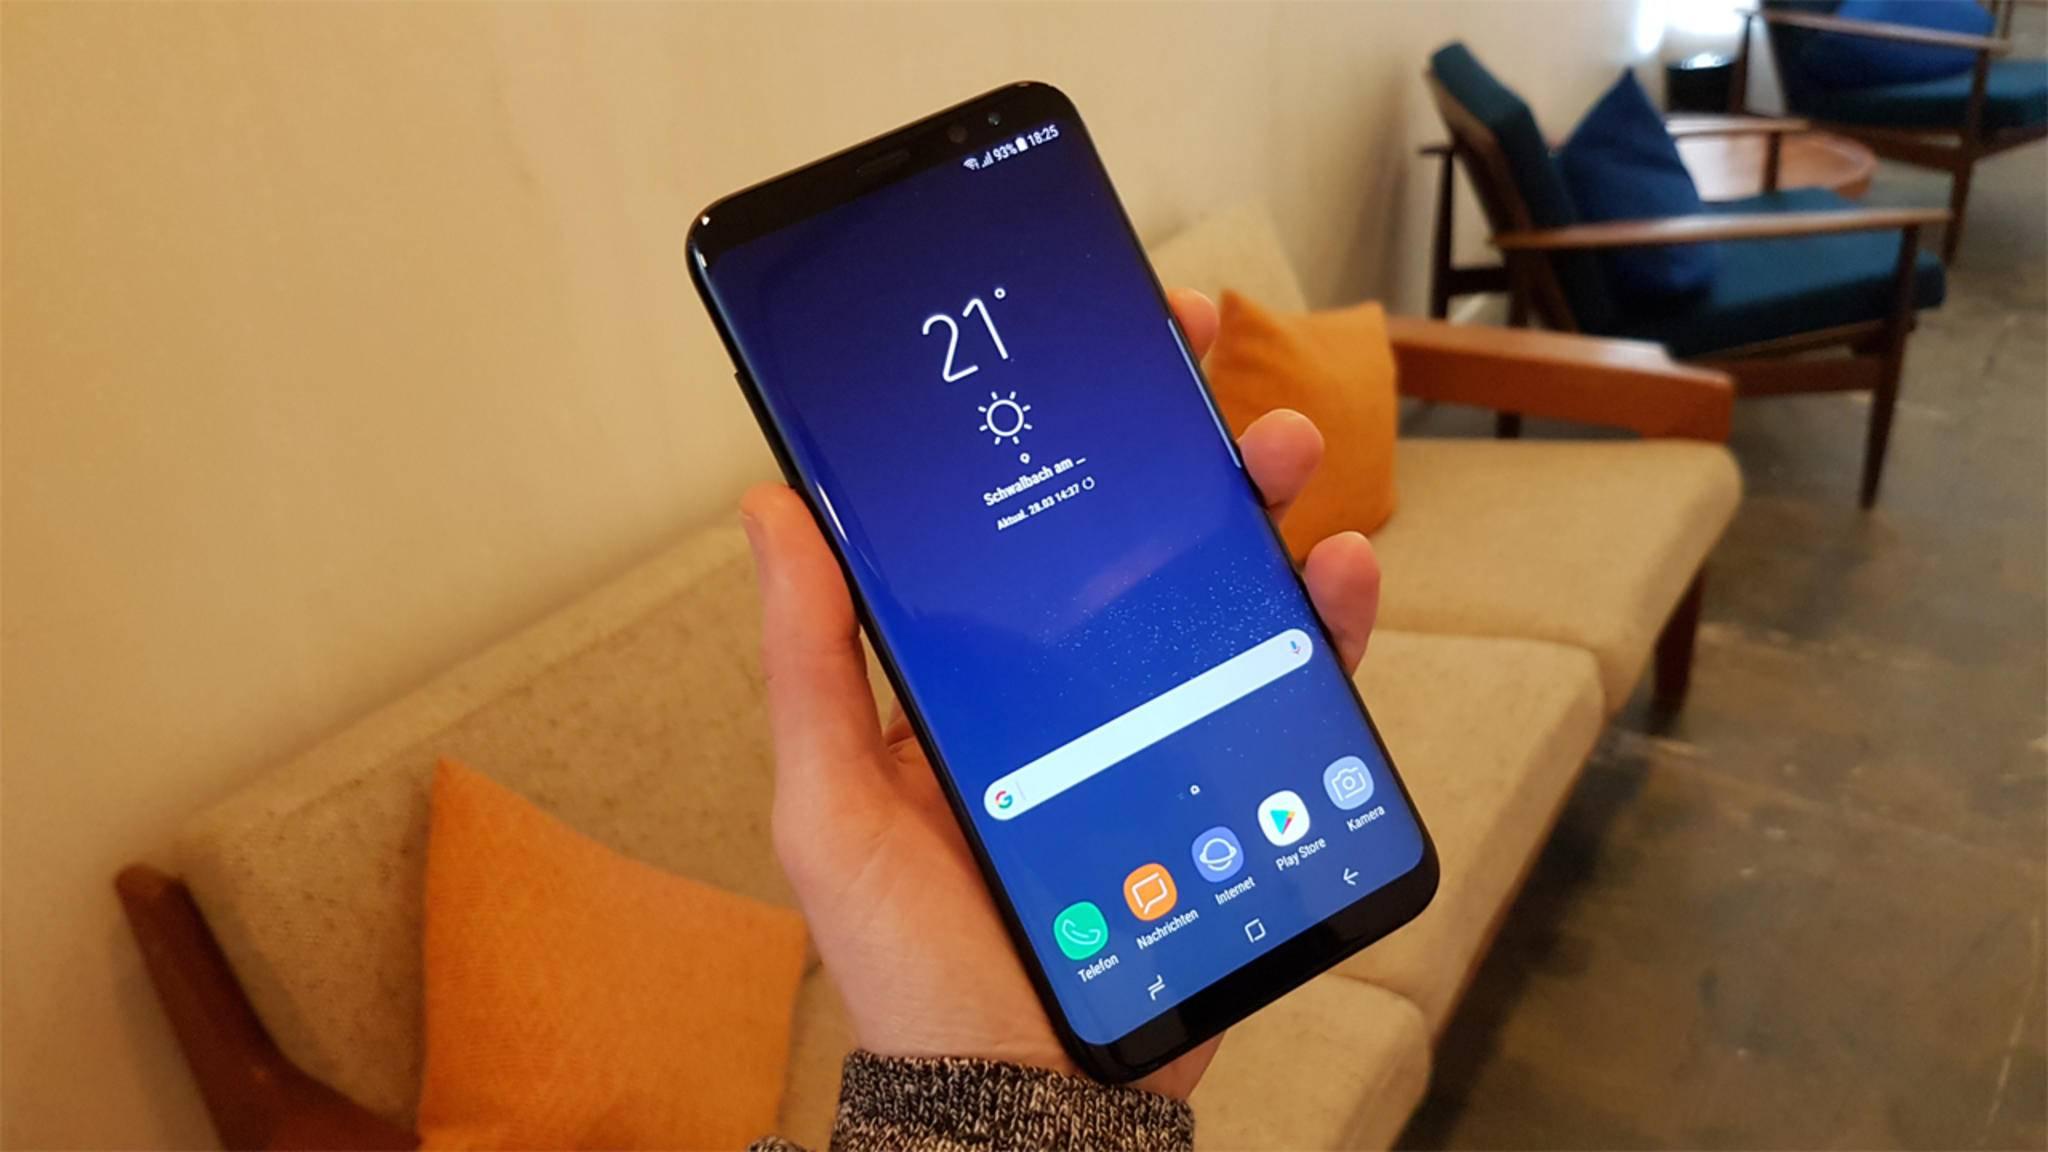 Galaxy S8-Look gefällig? Für die Installation des Launchers auf dem Galaxy S7 ist kein Root erforderlich.